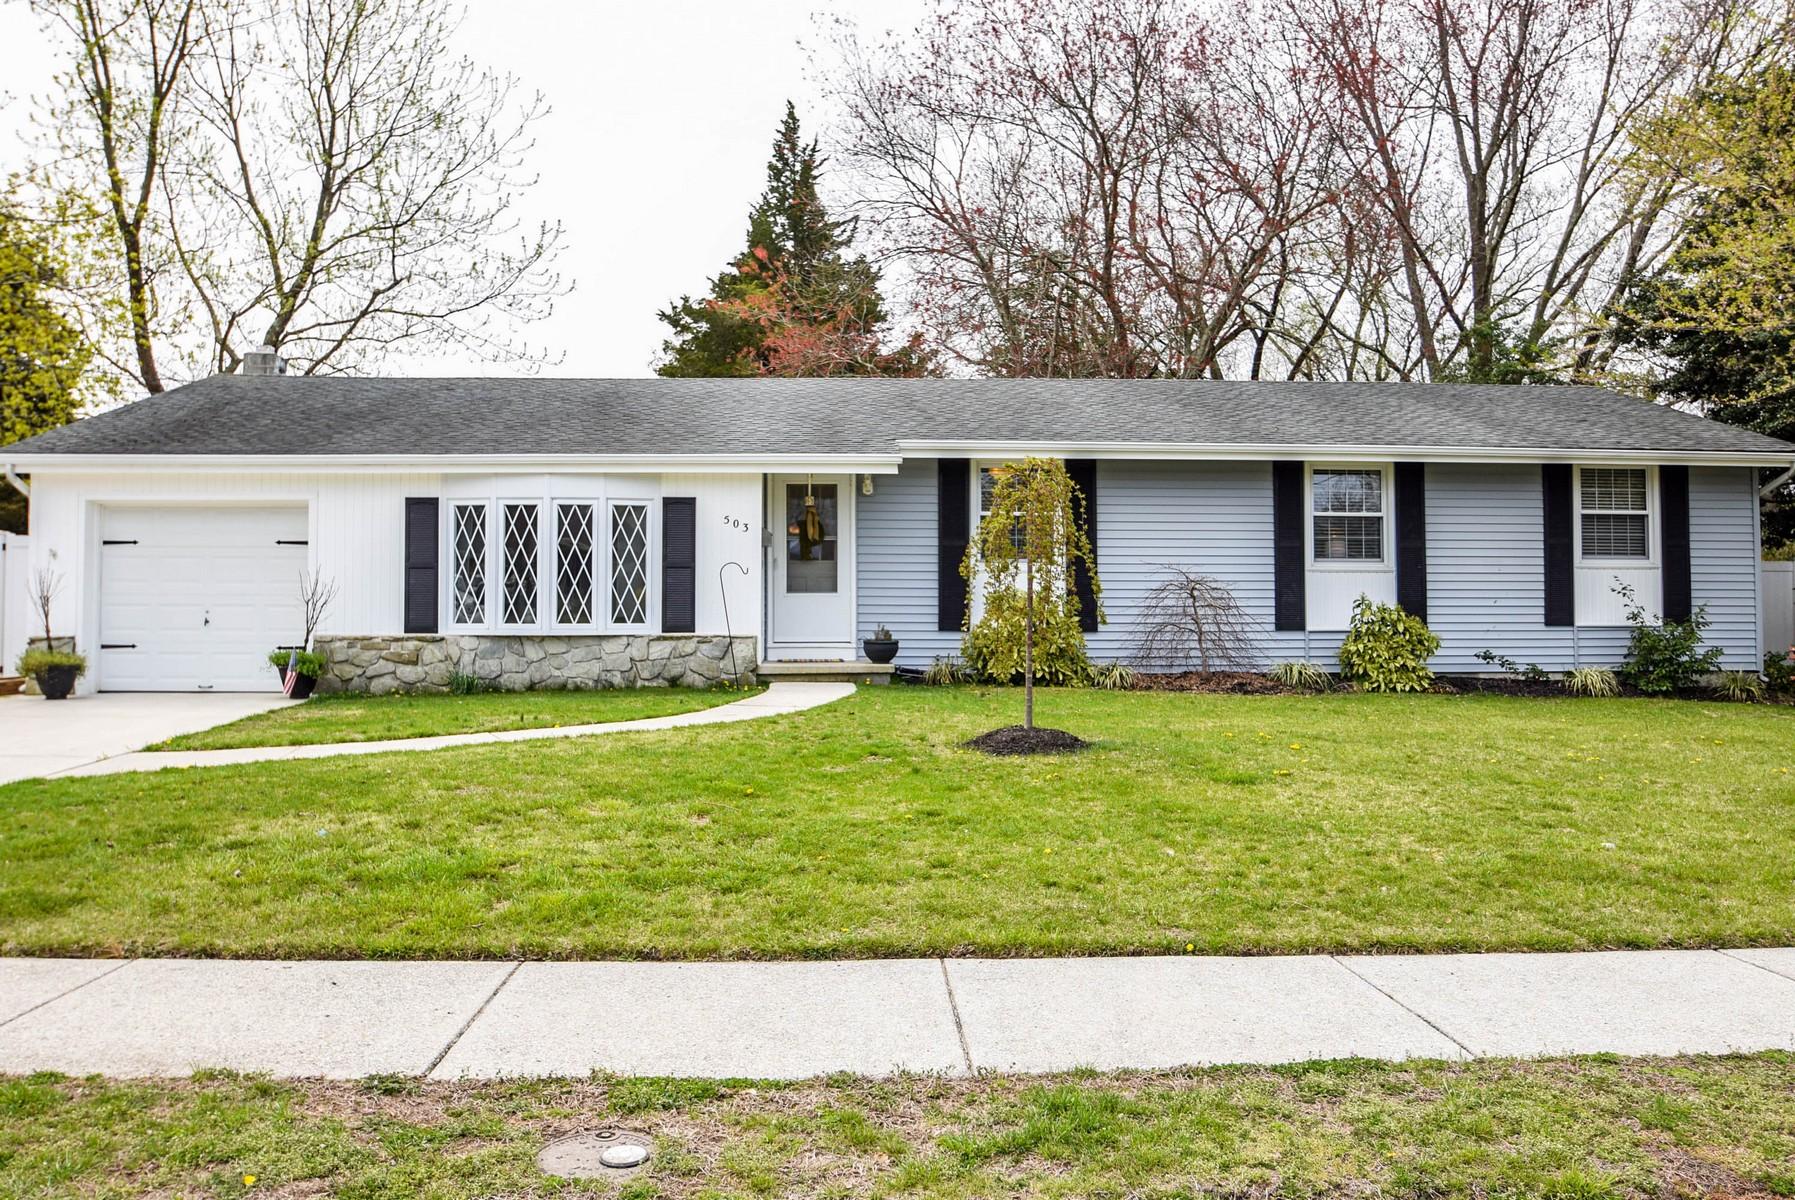 Частный односемейный дом для того Продажа на 503 Davis Avenue Linwood, 08221 Соединенные Штаты